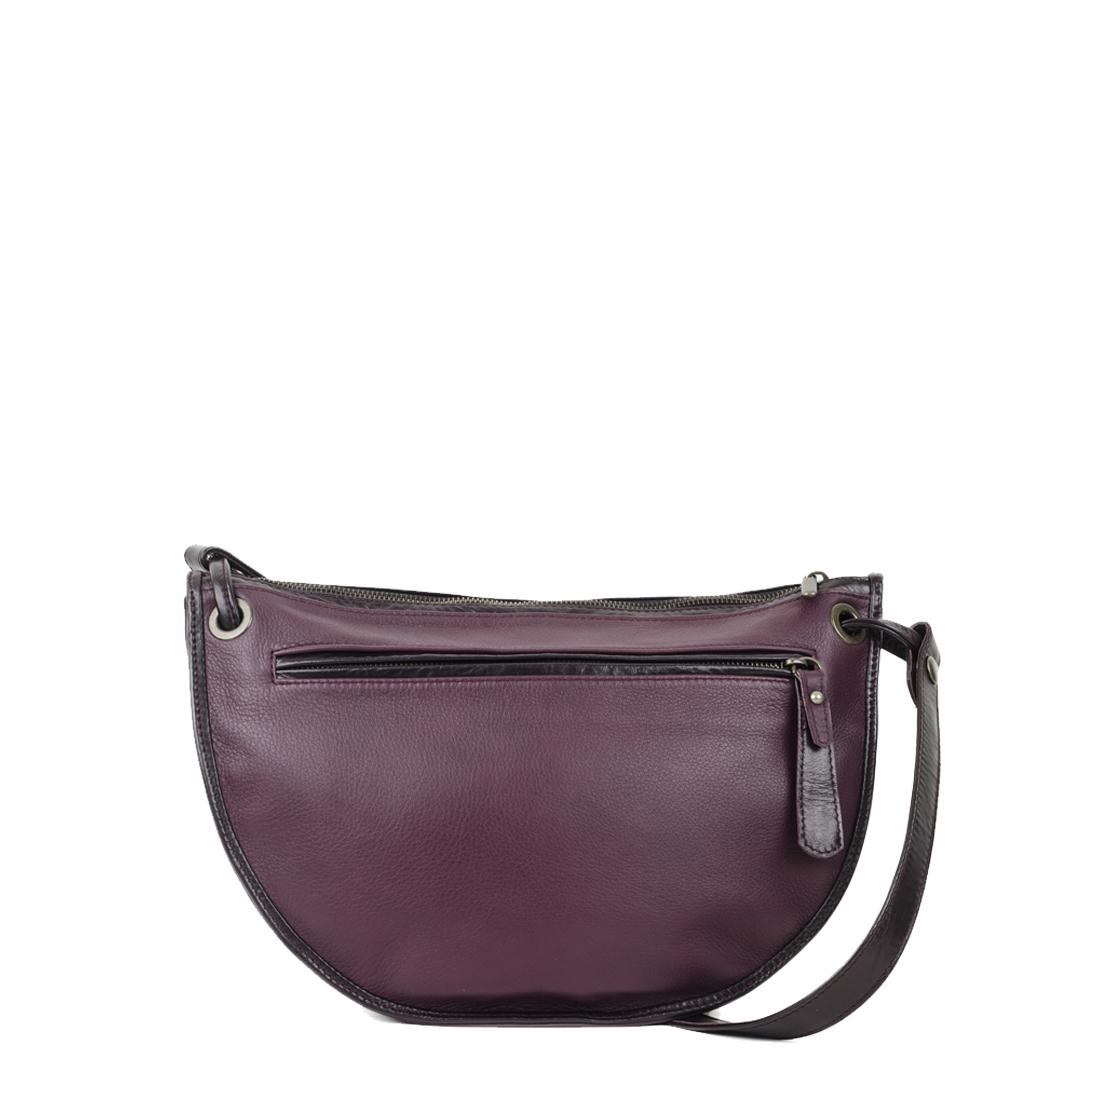 Rachel Plum Leather Across Body Bag